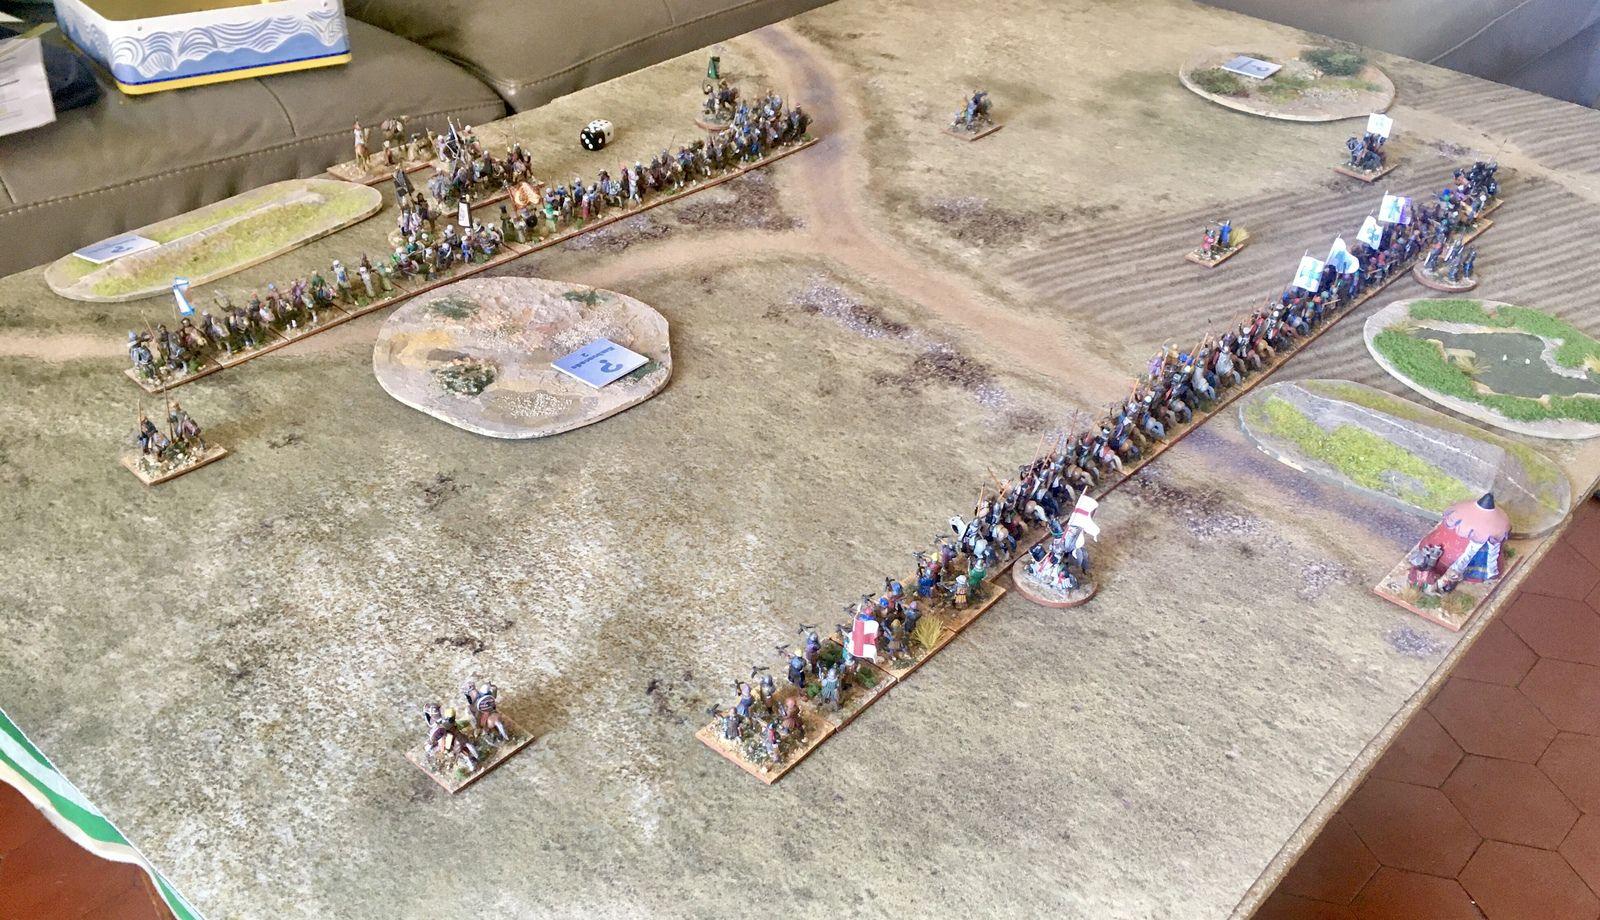 Le champ de bataille, les deux armées face-à-face.